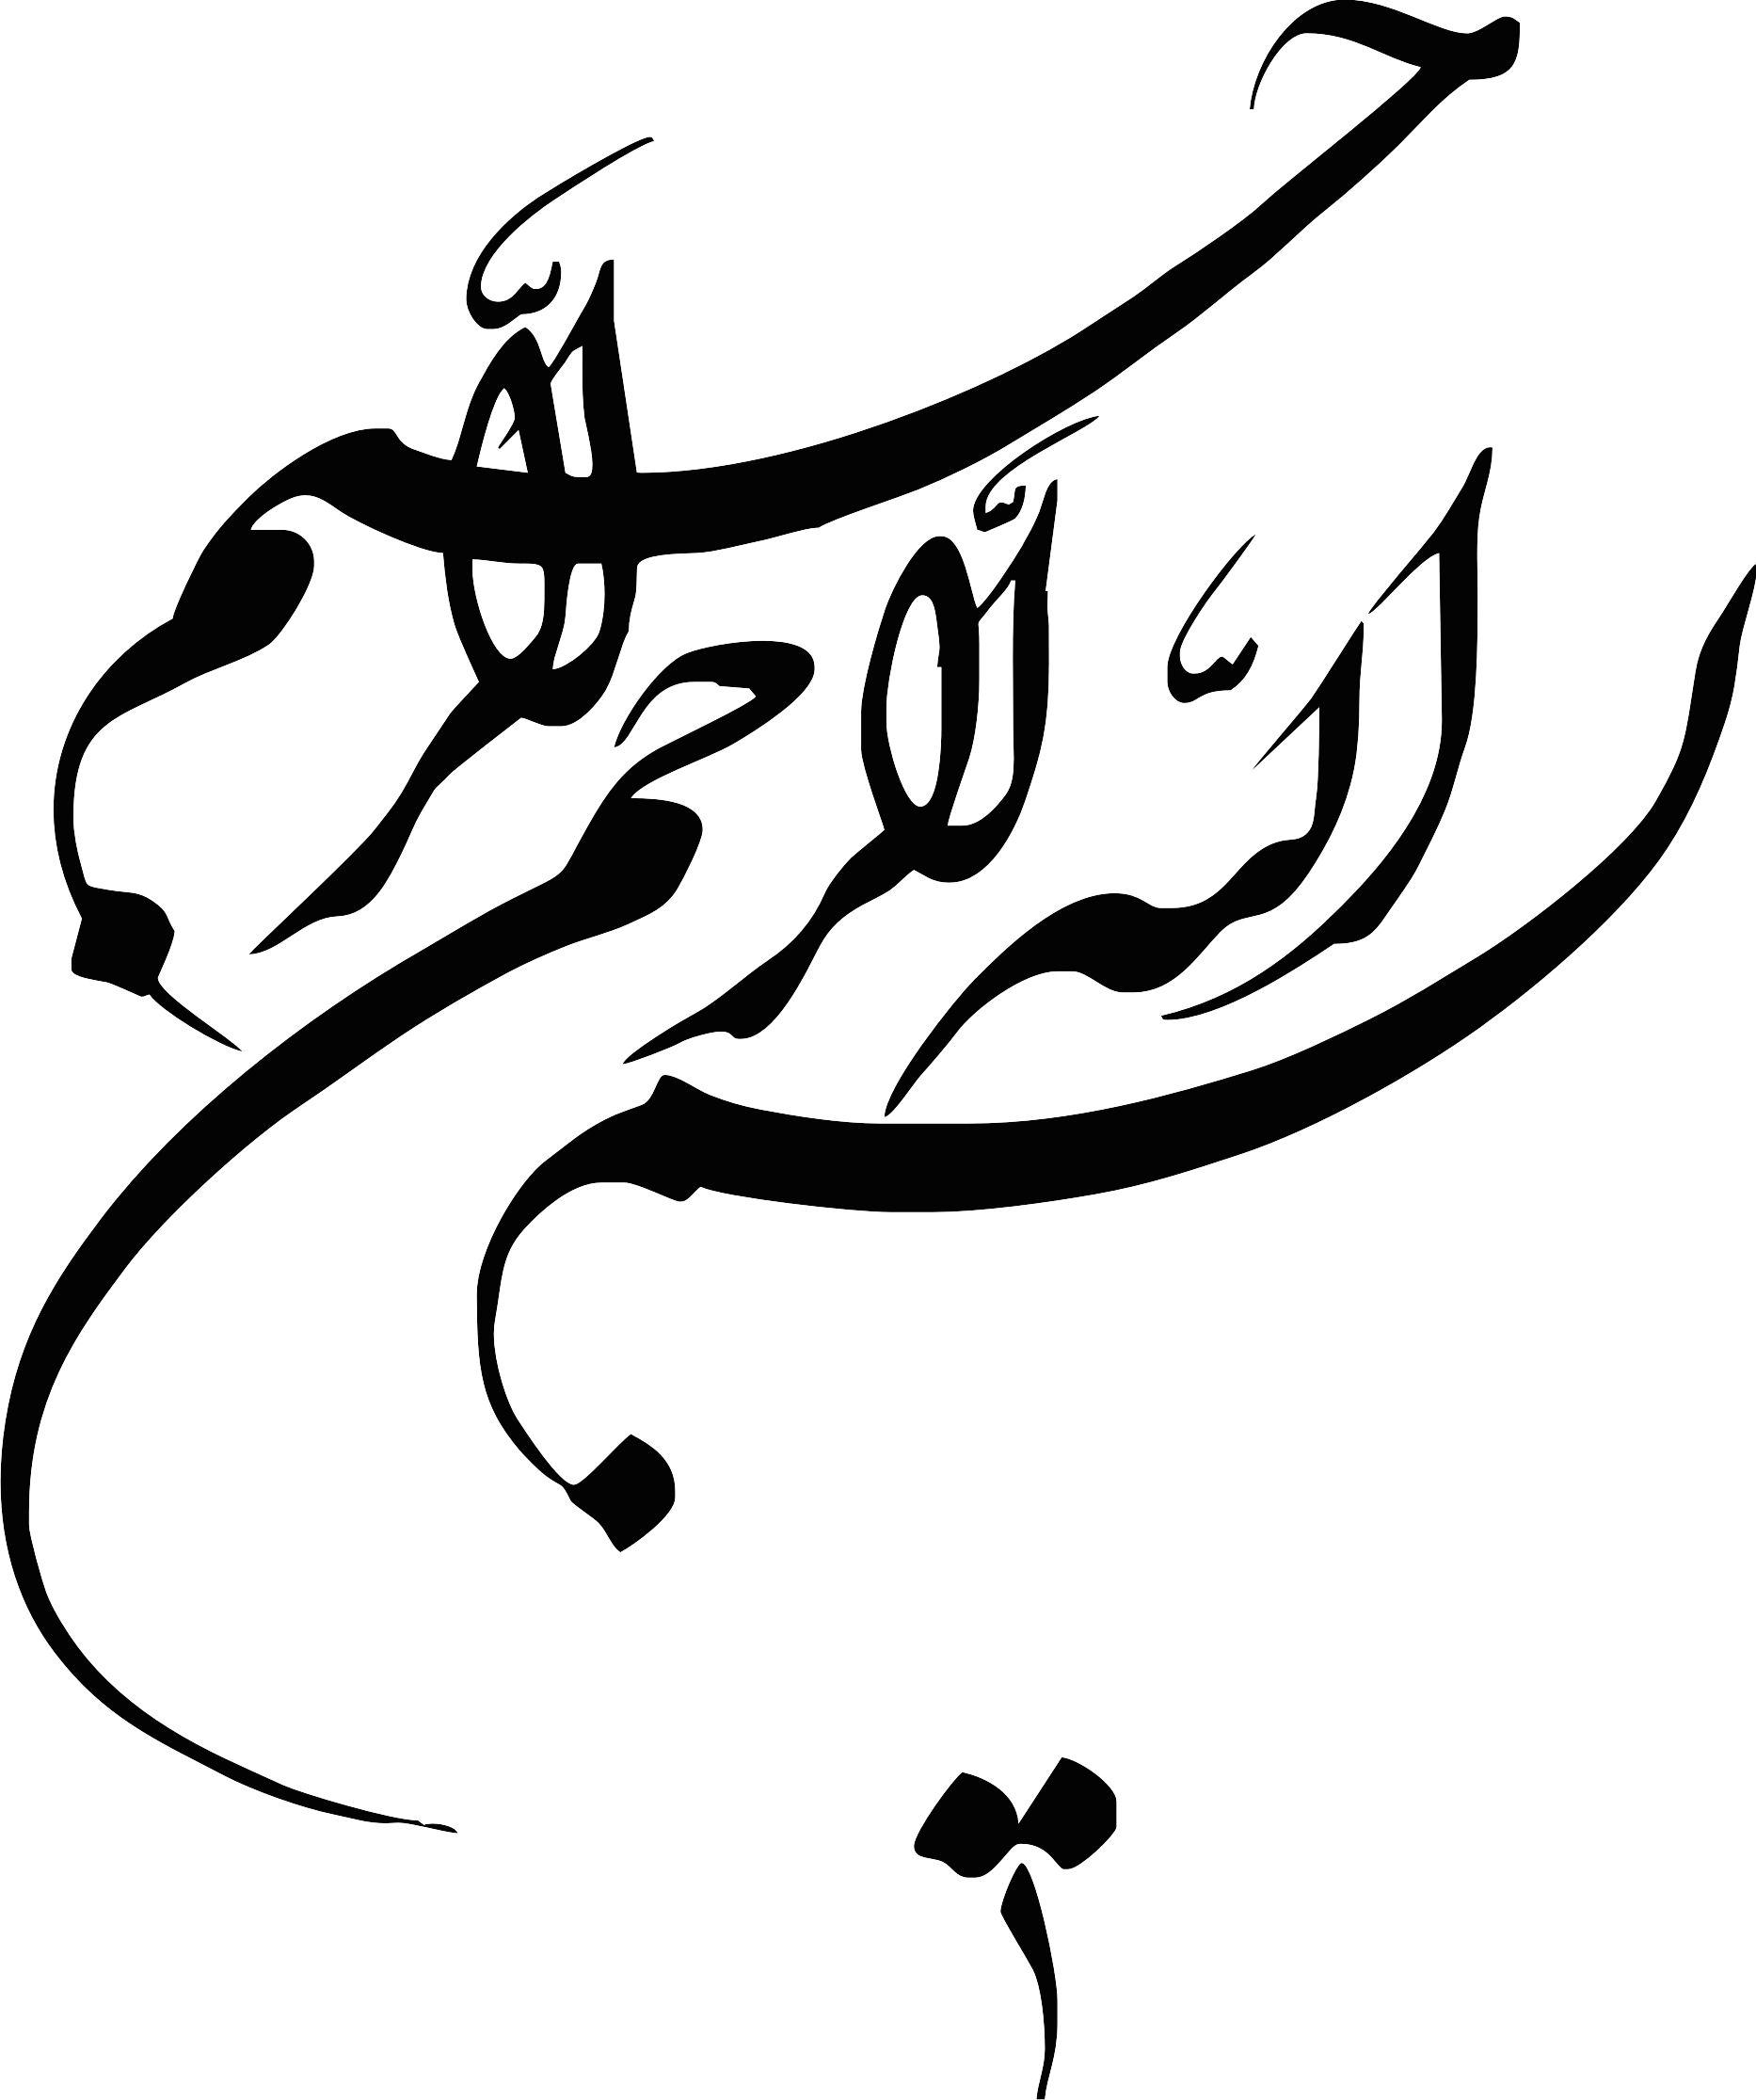 04 - طرح های  بسم الله الرحمن الرحیم برای مقاله و پایان نامه